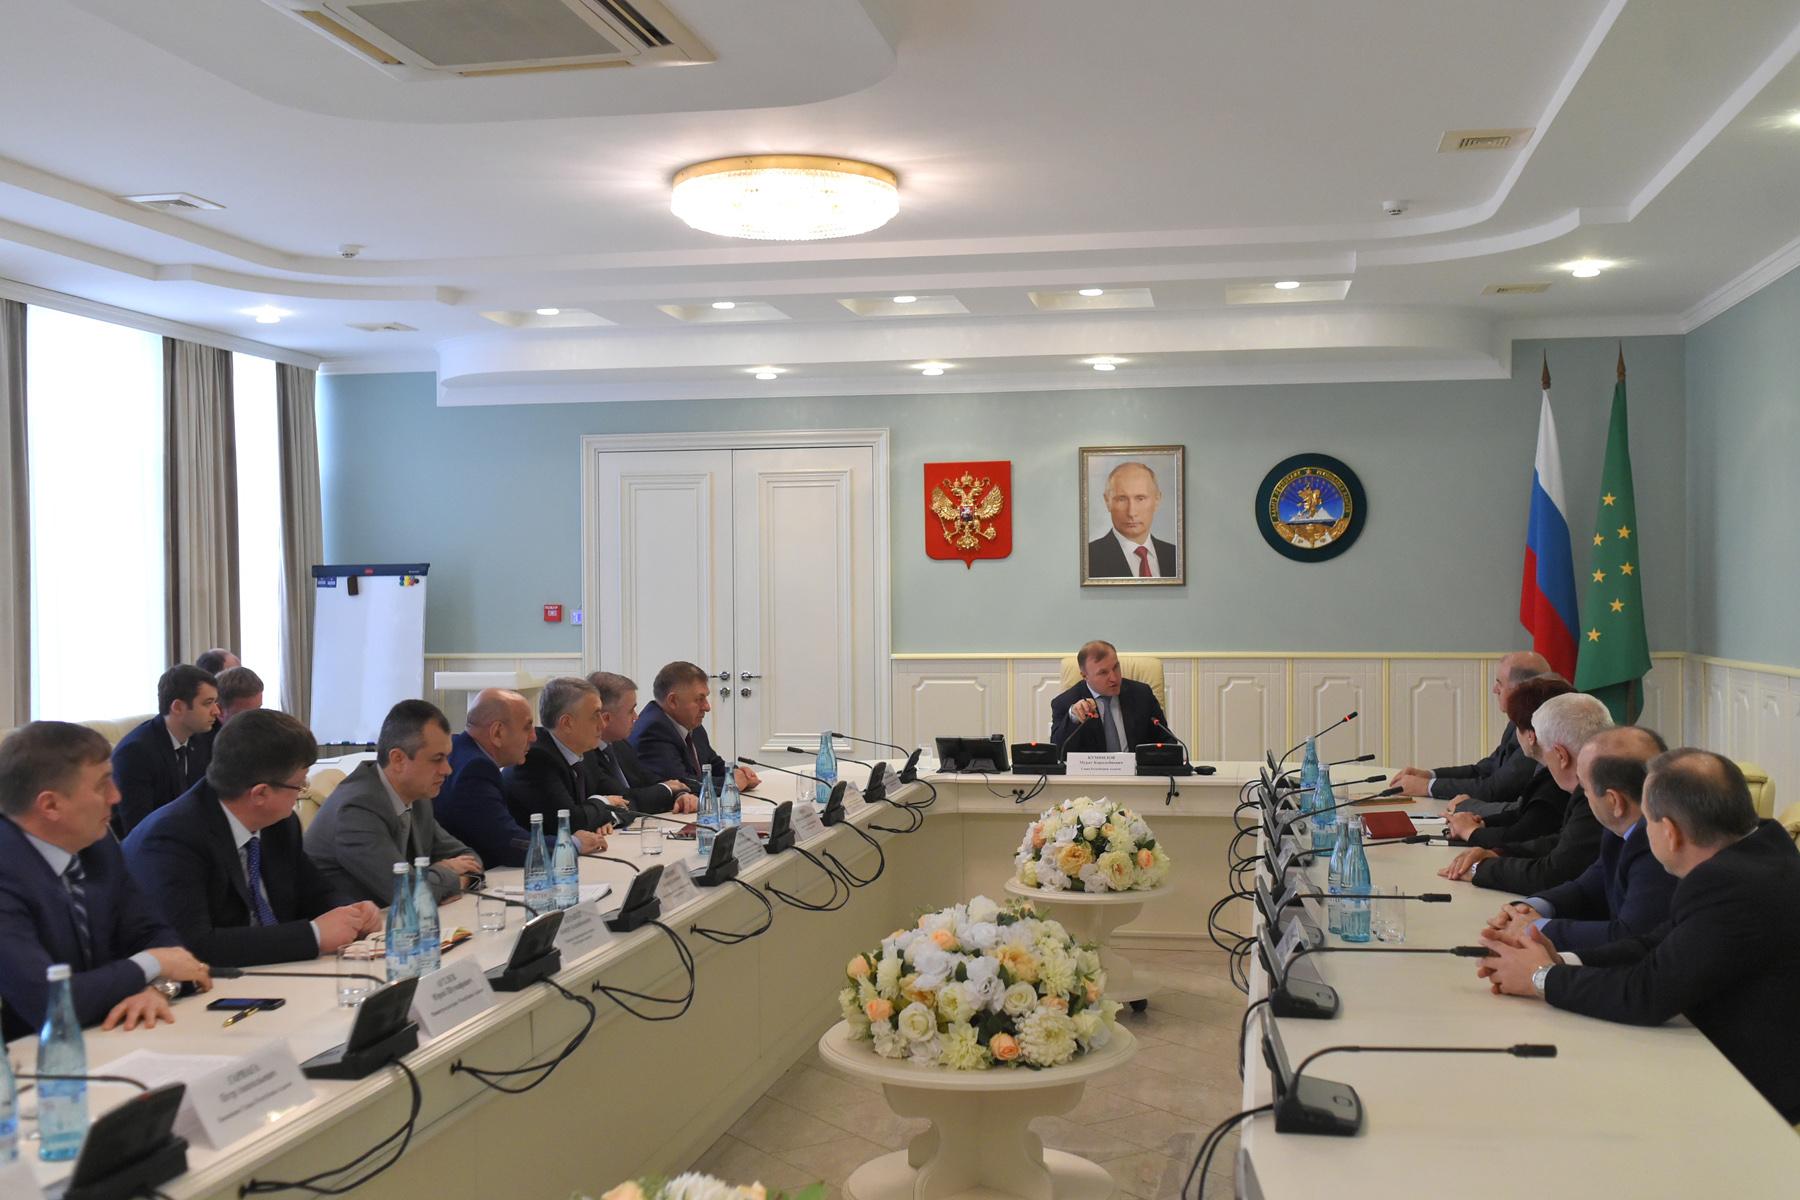 Глава Адыгеи провел встречу с представителями адыгской диаспоры Турции